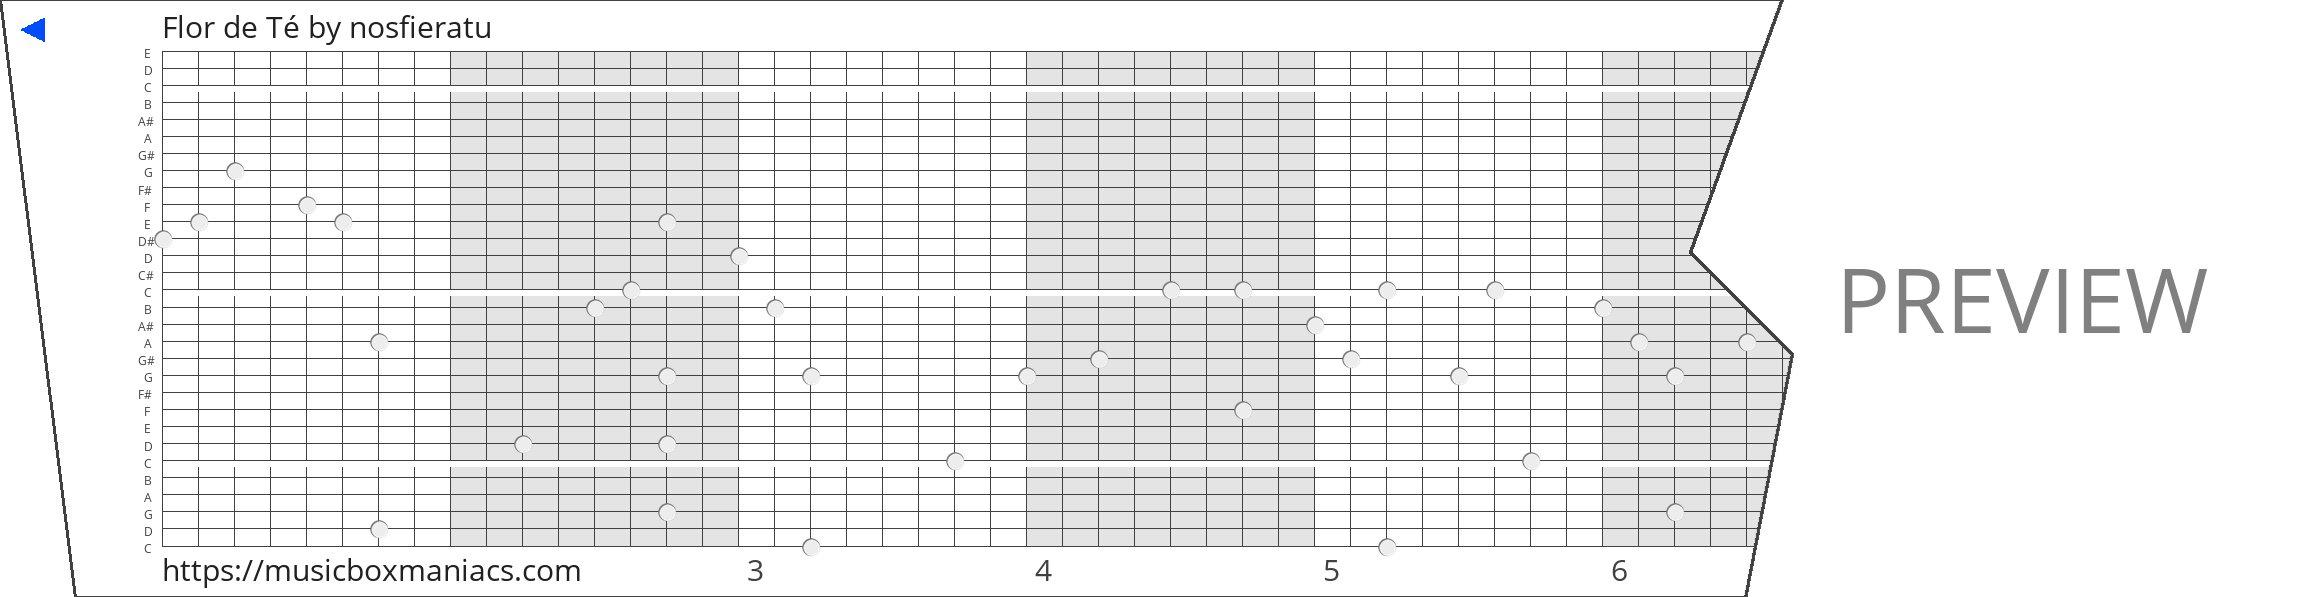 Flor de Té 30 note music box paper strip